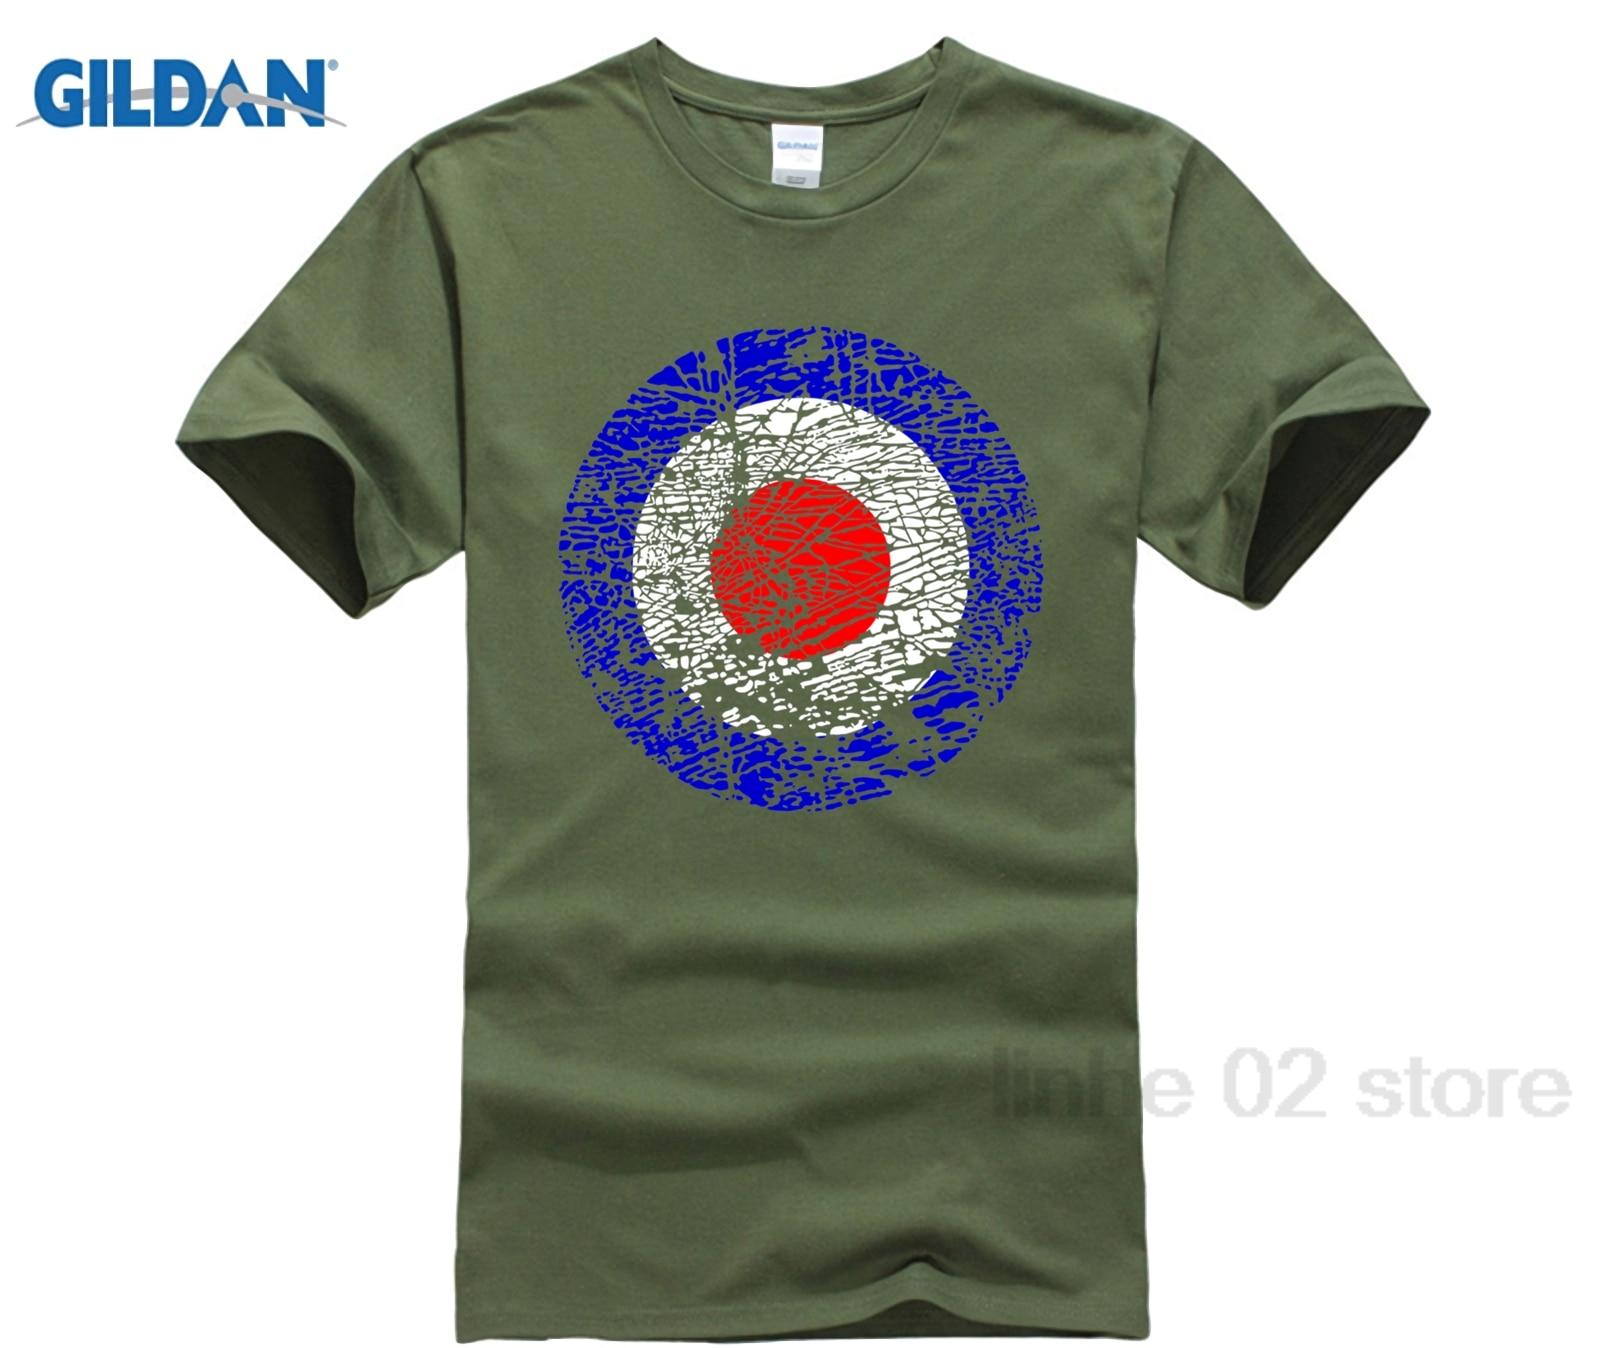 GILDAN Vintage Distressed Mod Target Broken Glass Pop Art T-Shirt sunglasses women T-shirt Mothers Day Ms. T-shirt